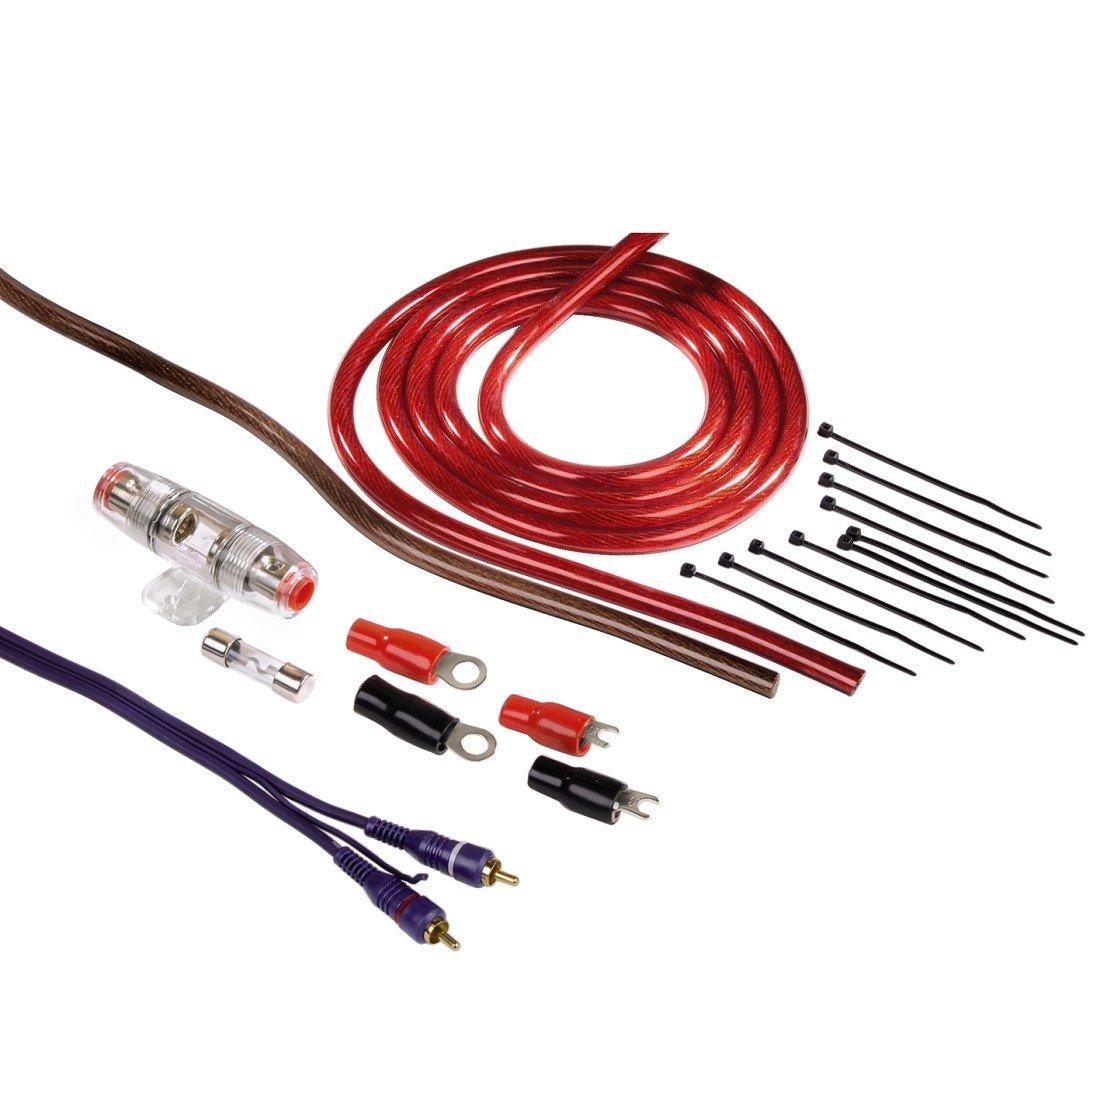 Kabelset - Subwoofer einbauen